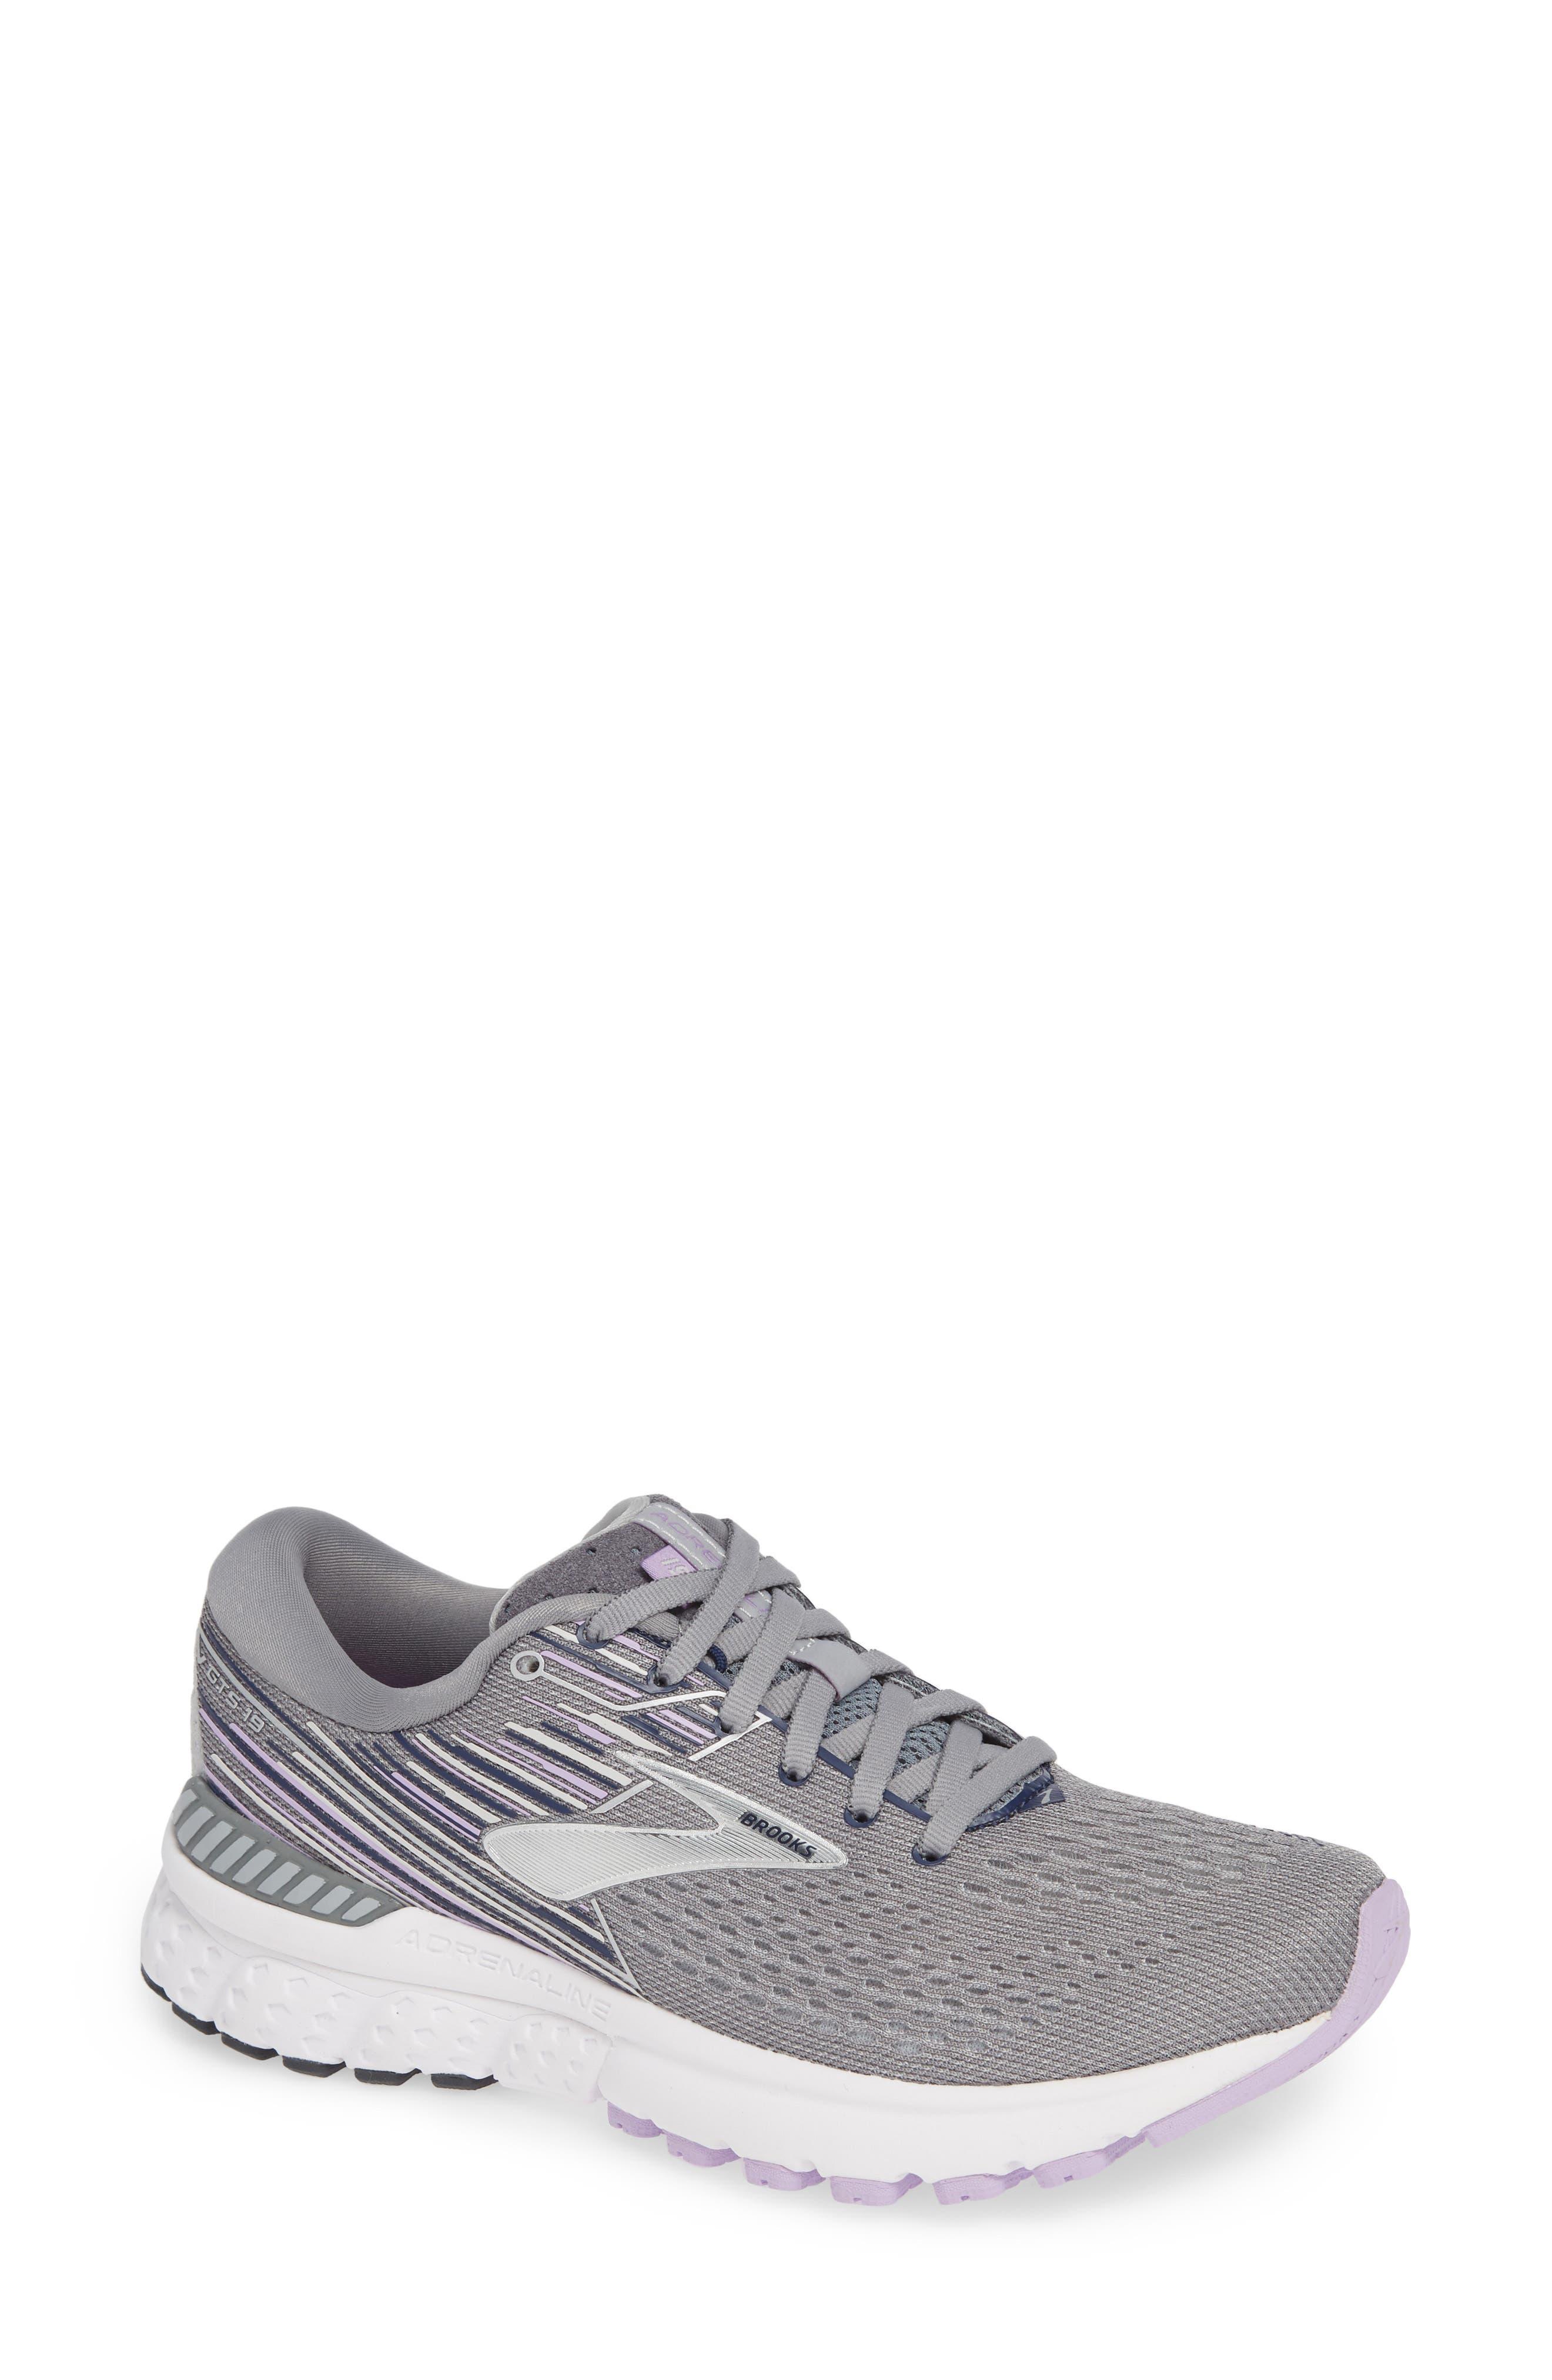 Brooks Adrenaline Gts 19 Running Shoe, Grey